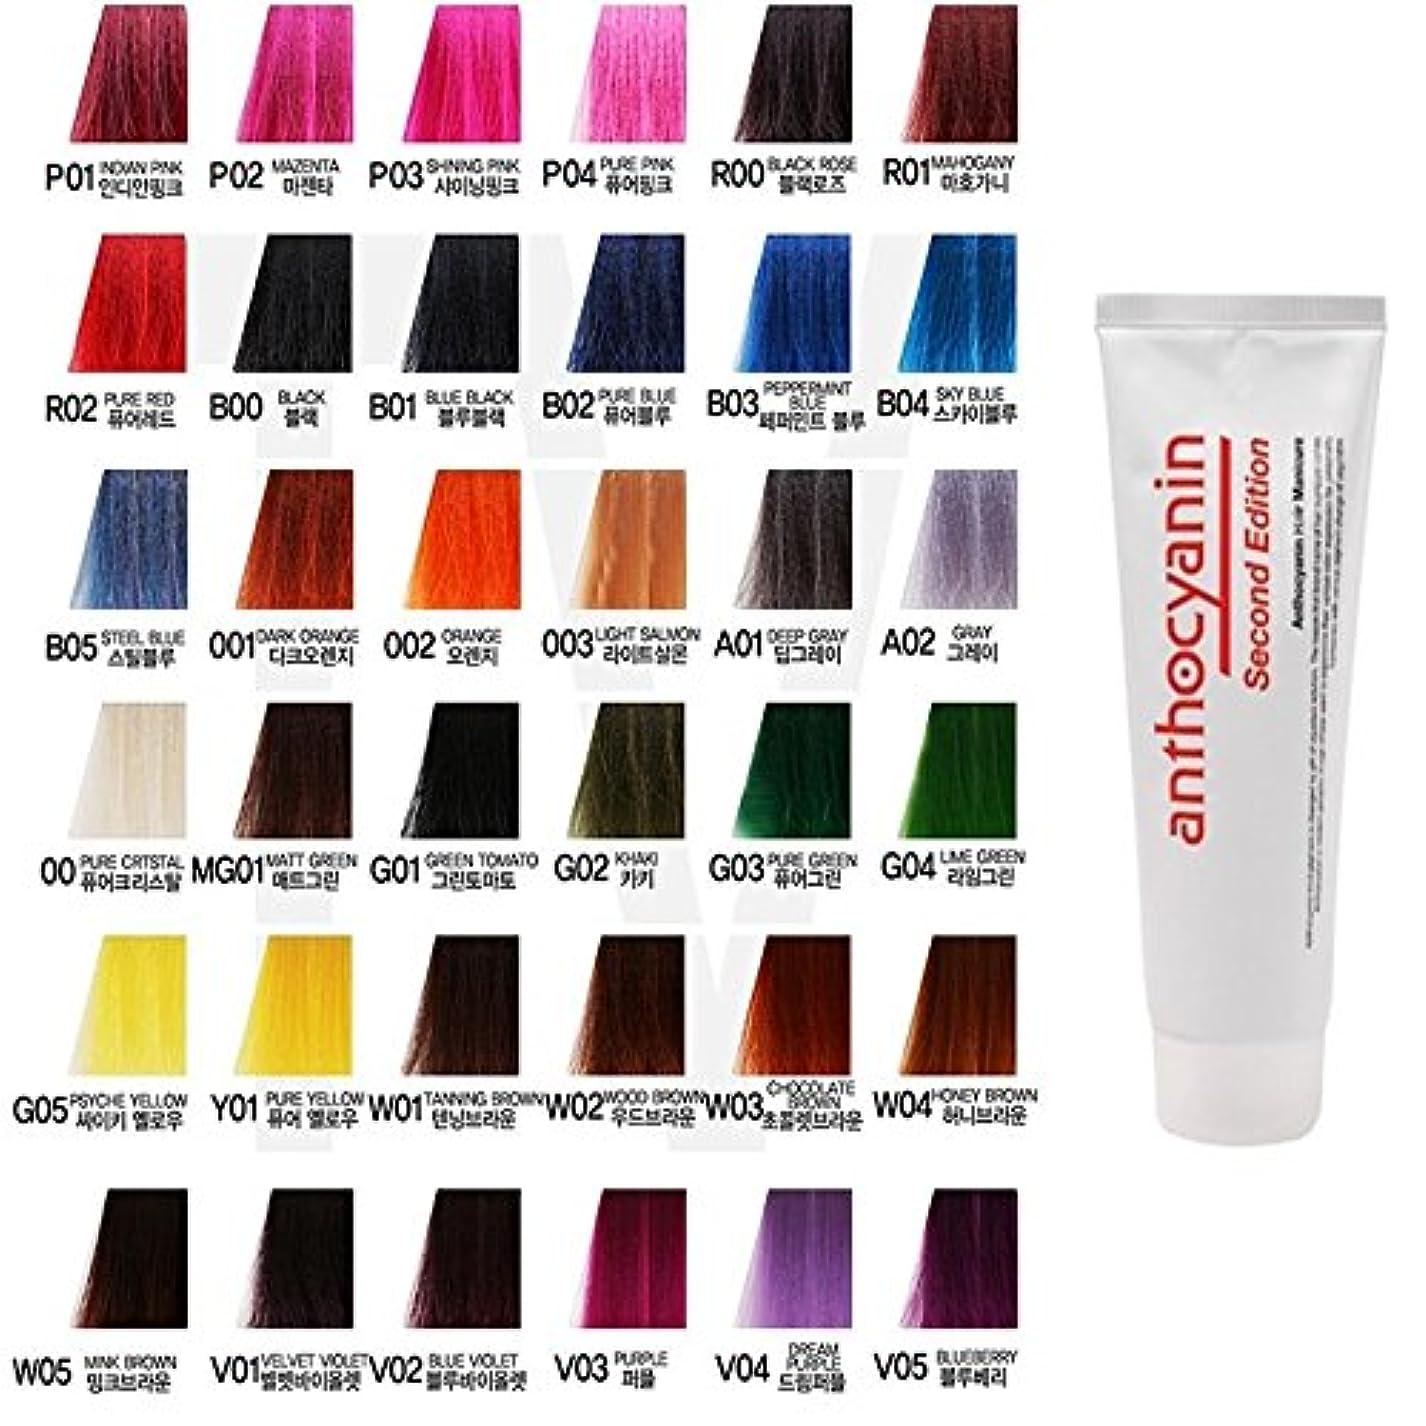 買収花火勝者ヘア マニキュア カラー セカンド エディション 230g セミ パーマネント 染毛剤 ( Hair Manicure Color Second Edition 230g Semi Permanent Hair Dye) [並行輸入品] (O12 Coral Orange)